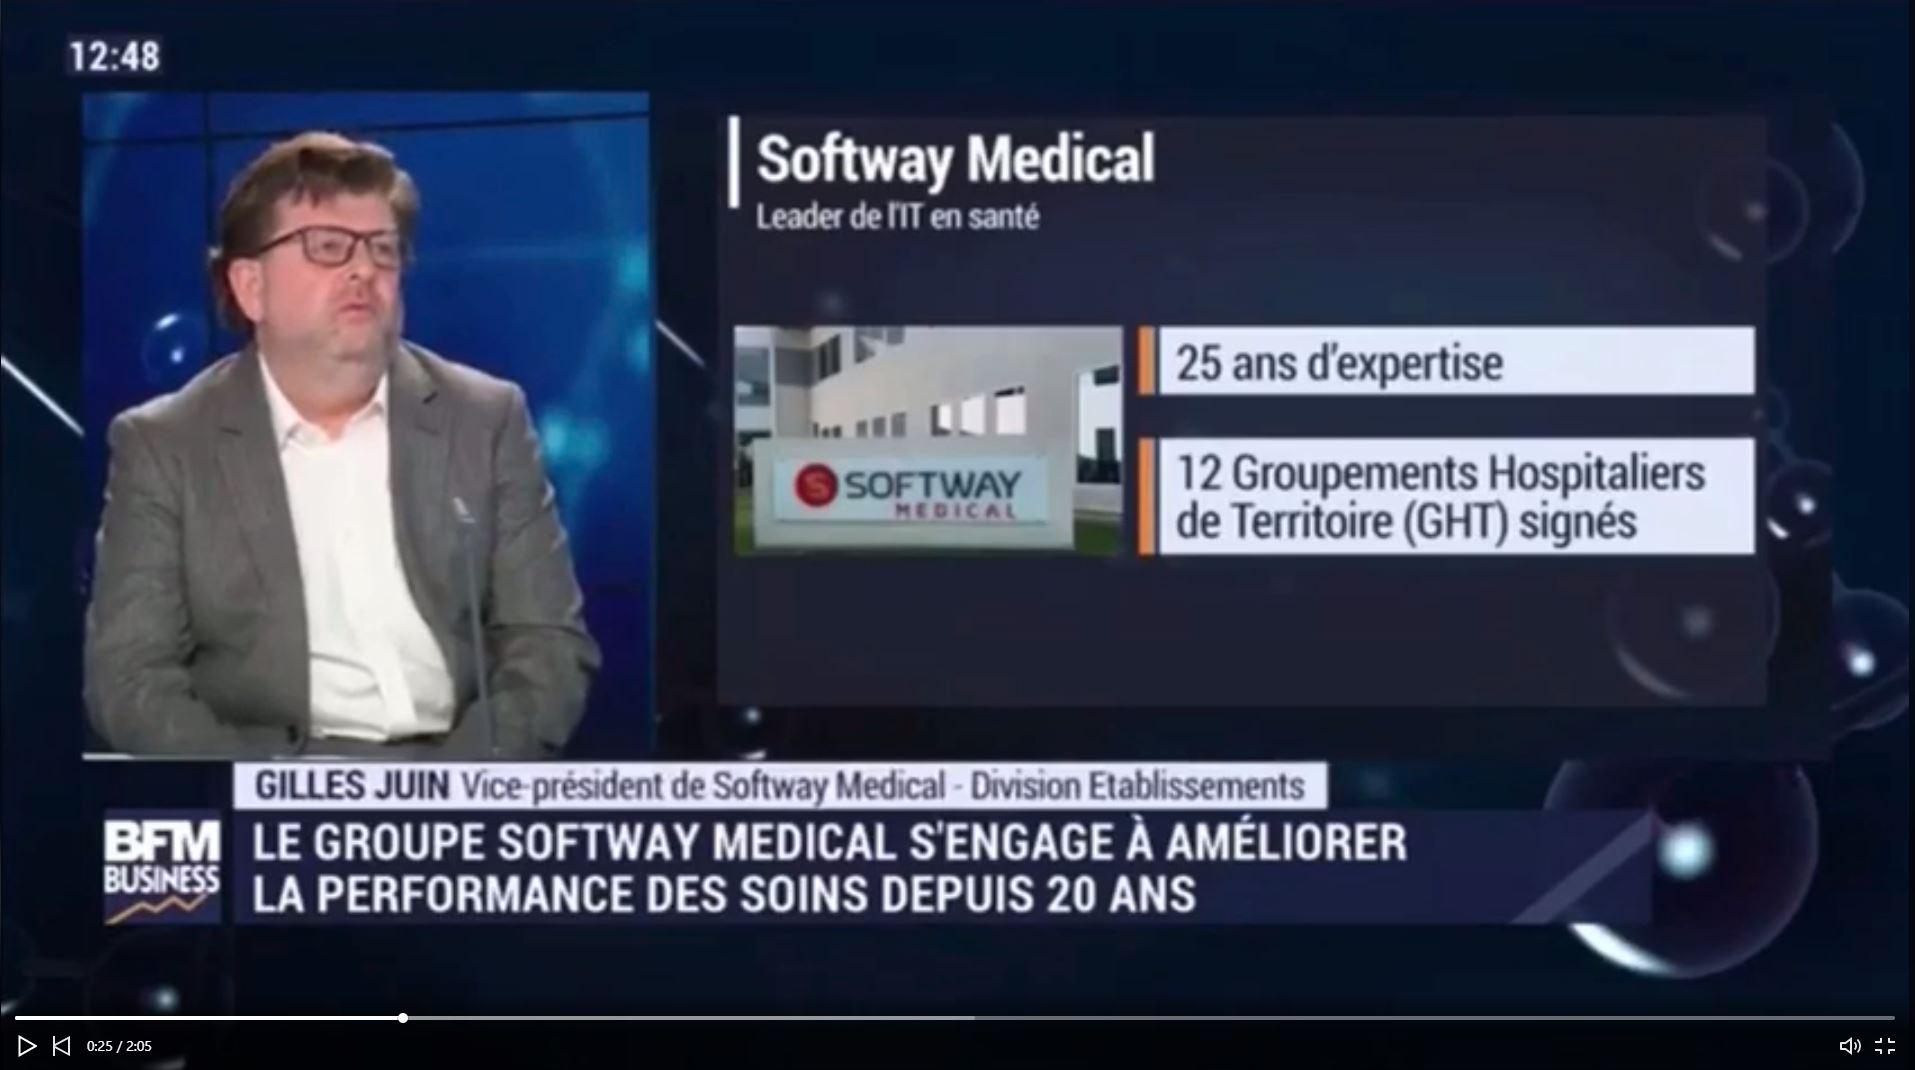 REPLAY SOFTWAY MEDICAL, la pépite française fait parler d'elle jusque sur BFMTV